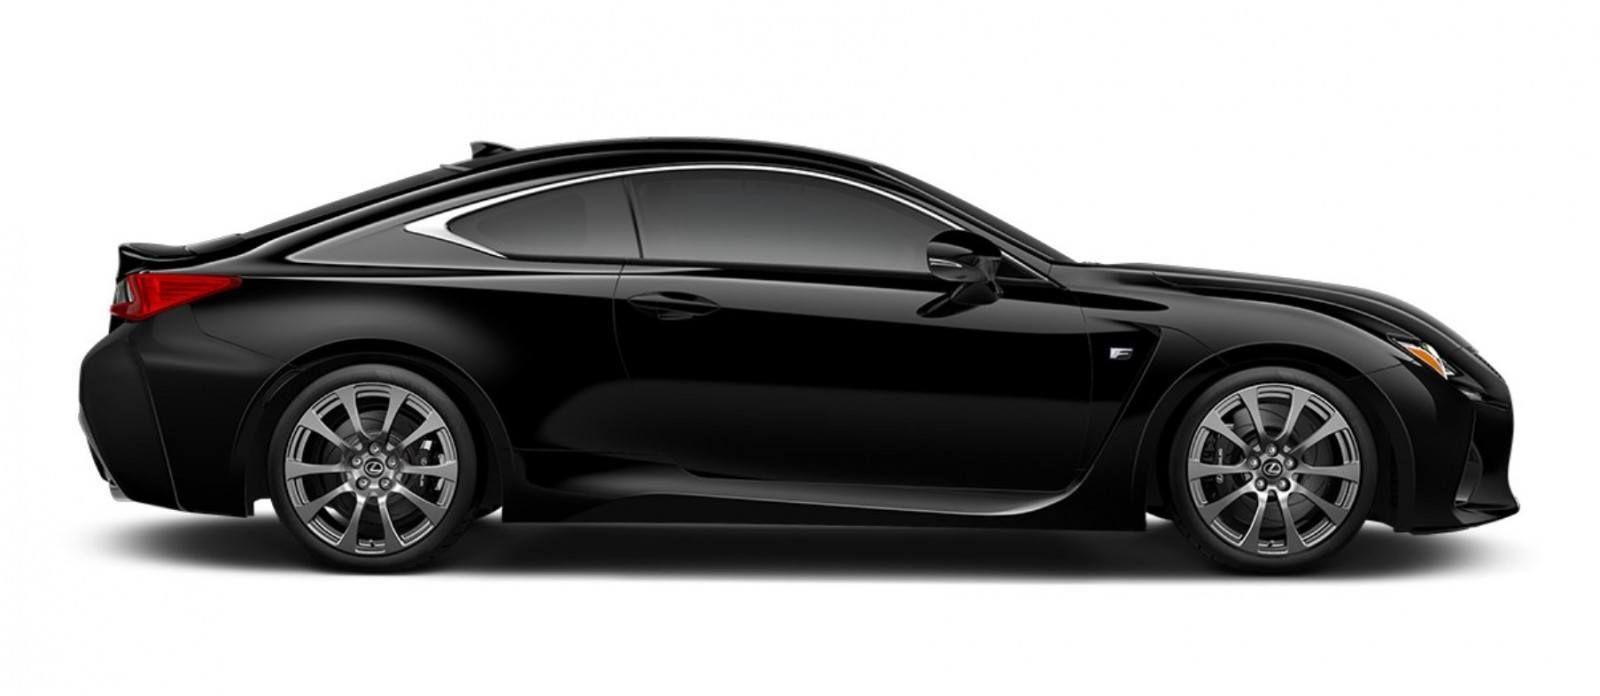 2015 lexus rc350 colors in 2020 lexus lexus cars